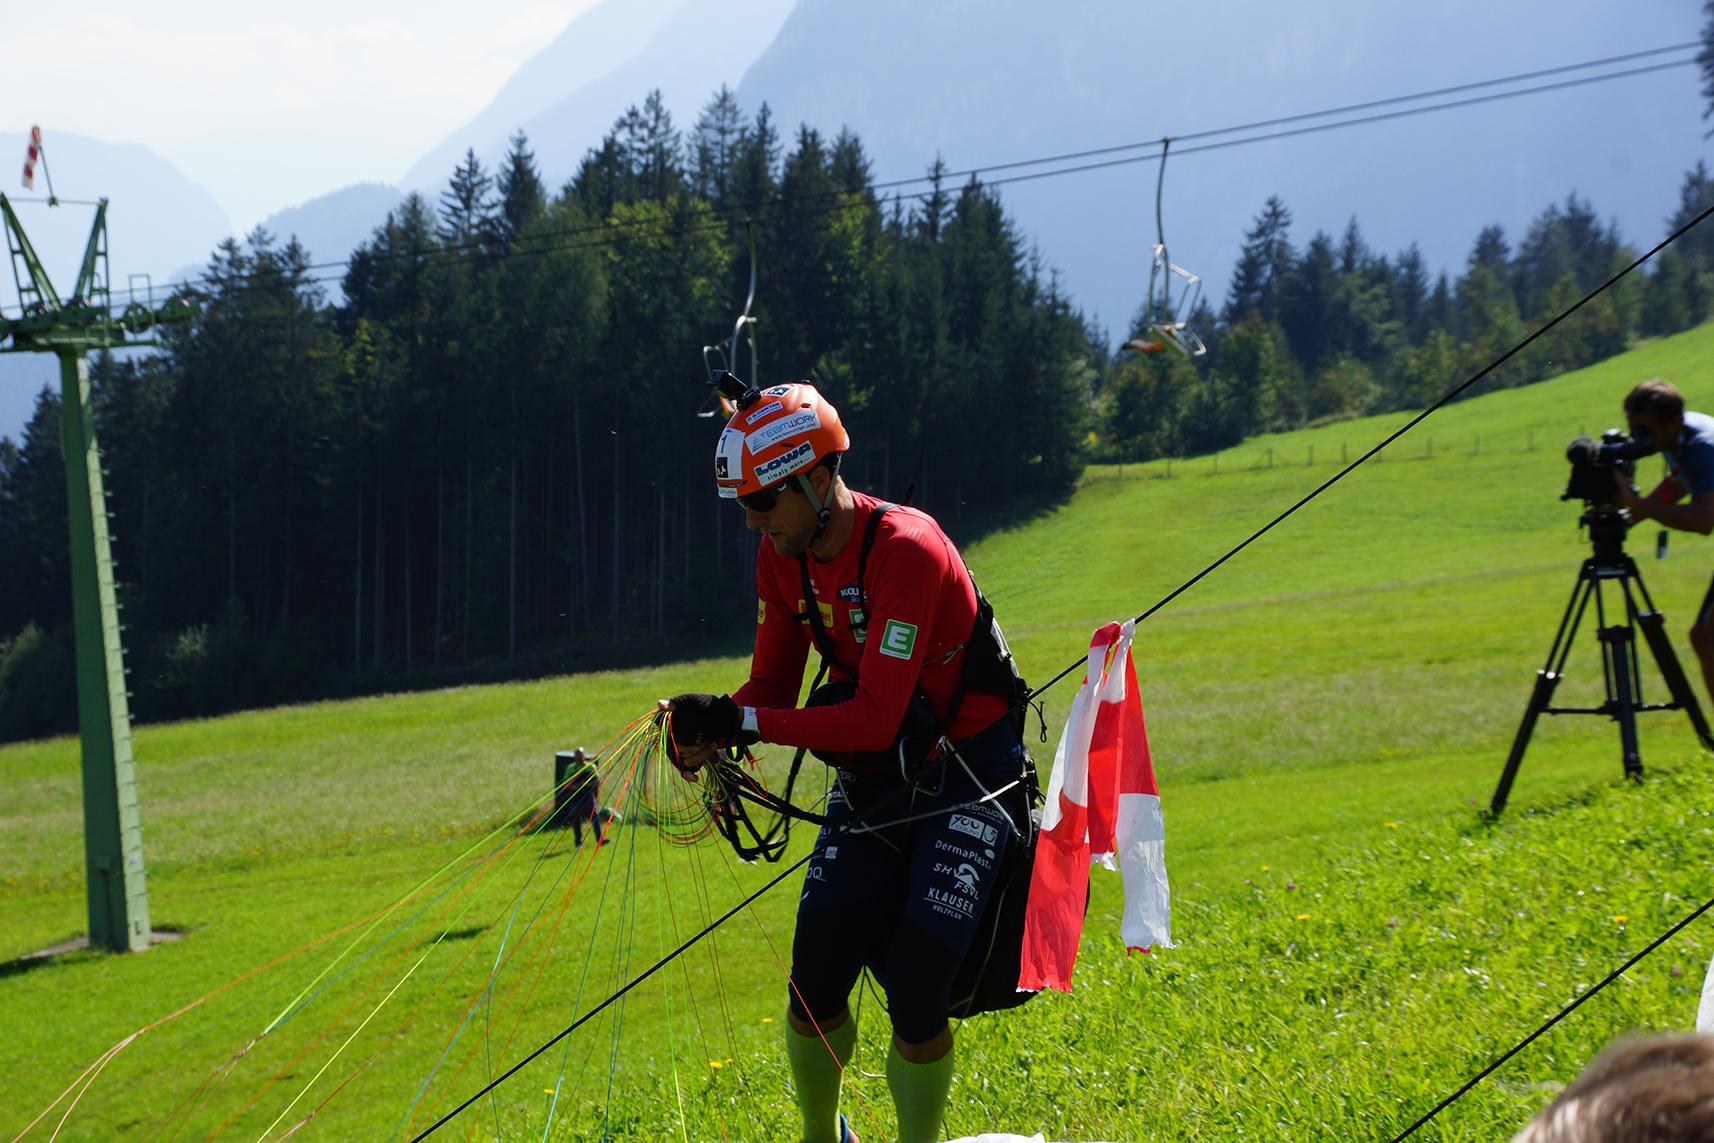 Nach der bärenstarken Performance von Chrigel Maurer führen wir mit 3 Minuten Vorsprung!